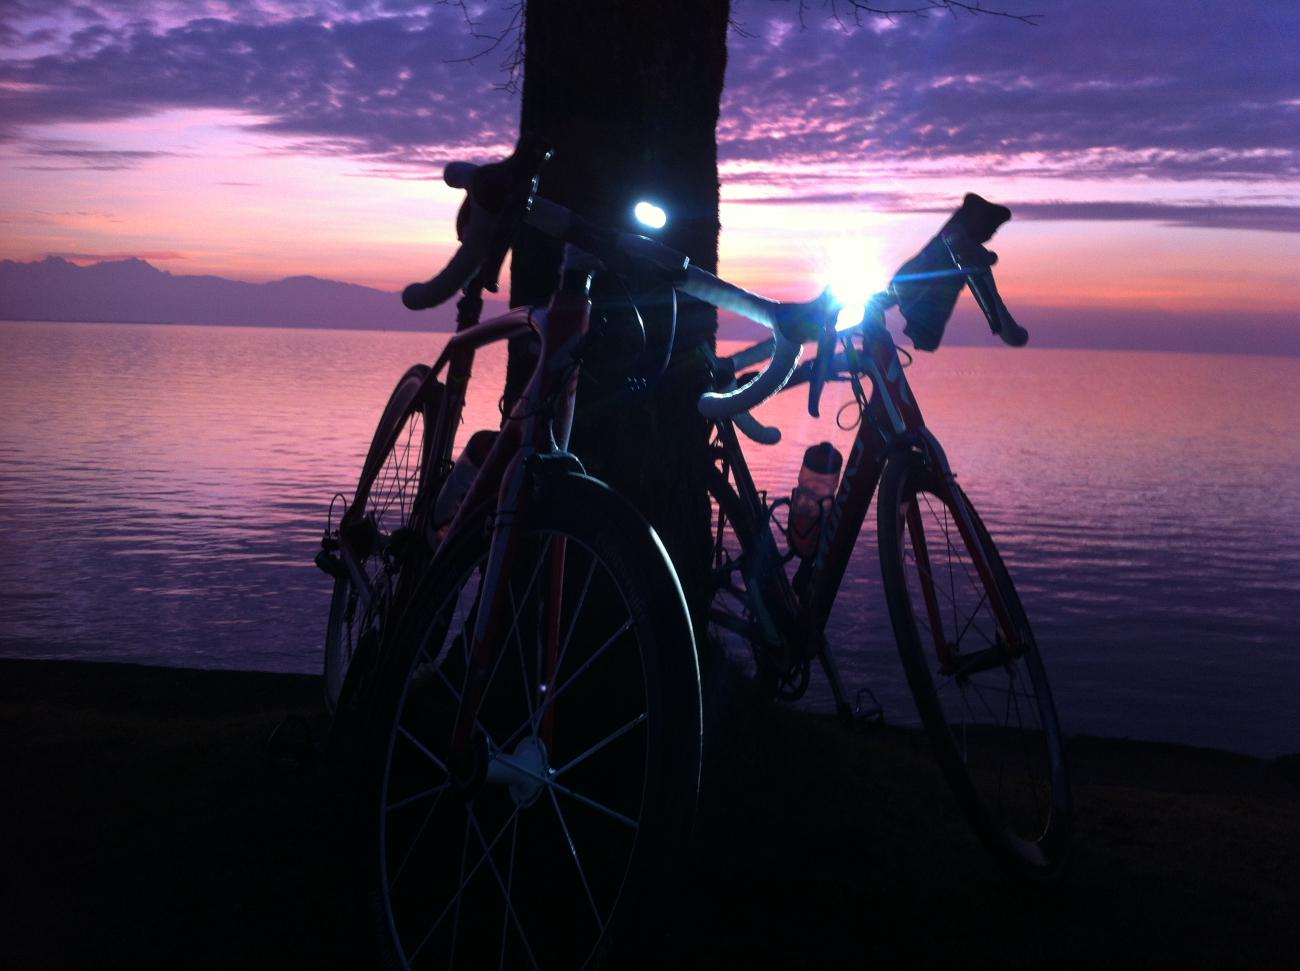 Beleuchtung für dein Rad